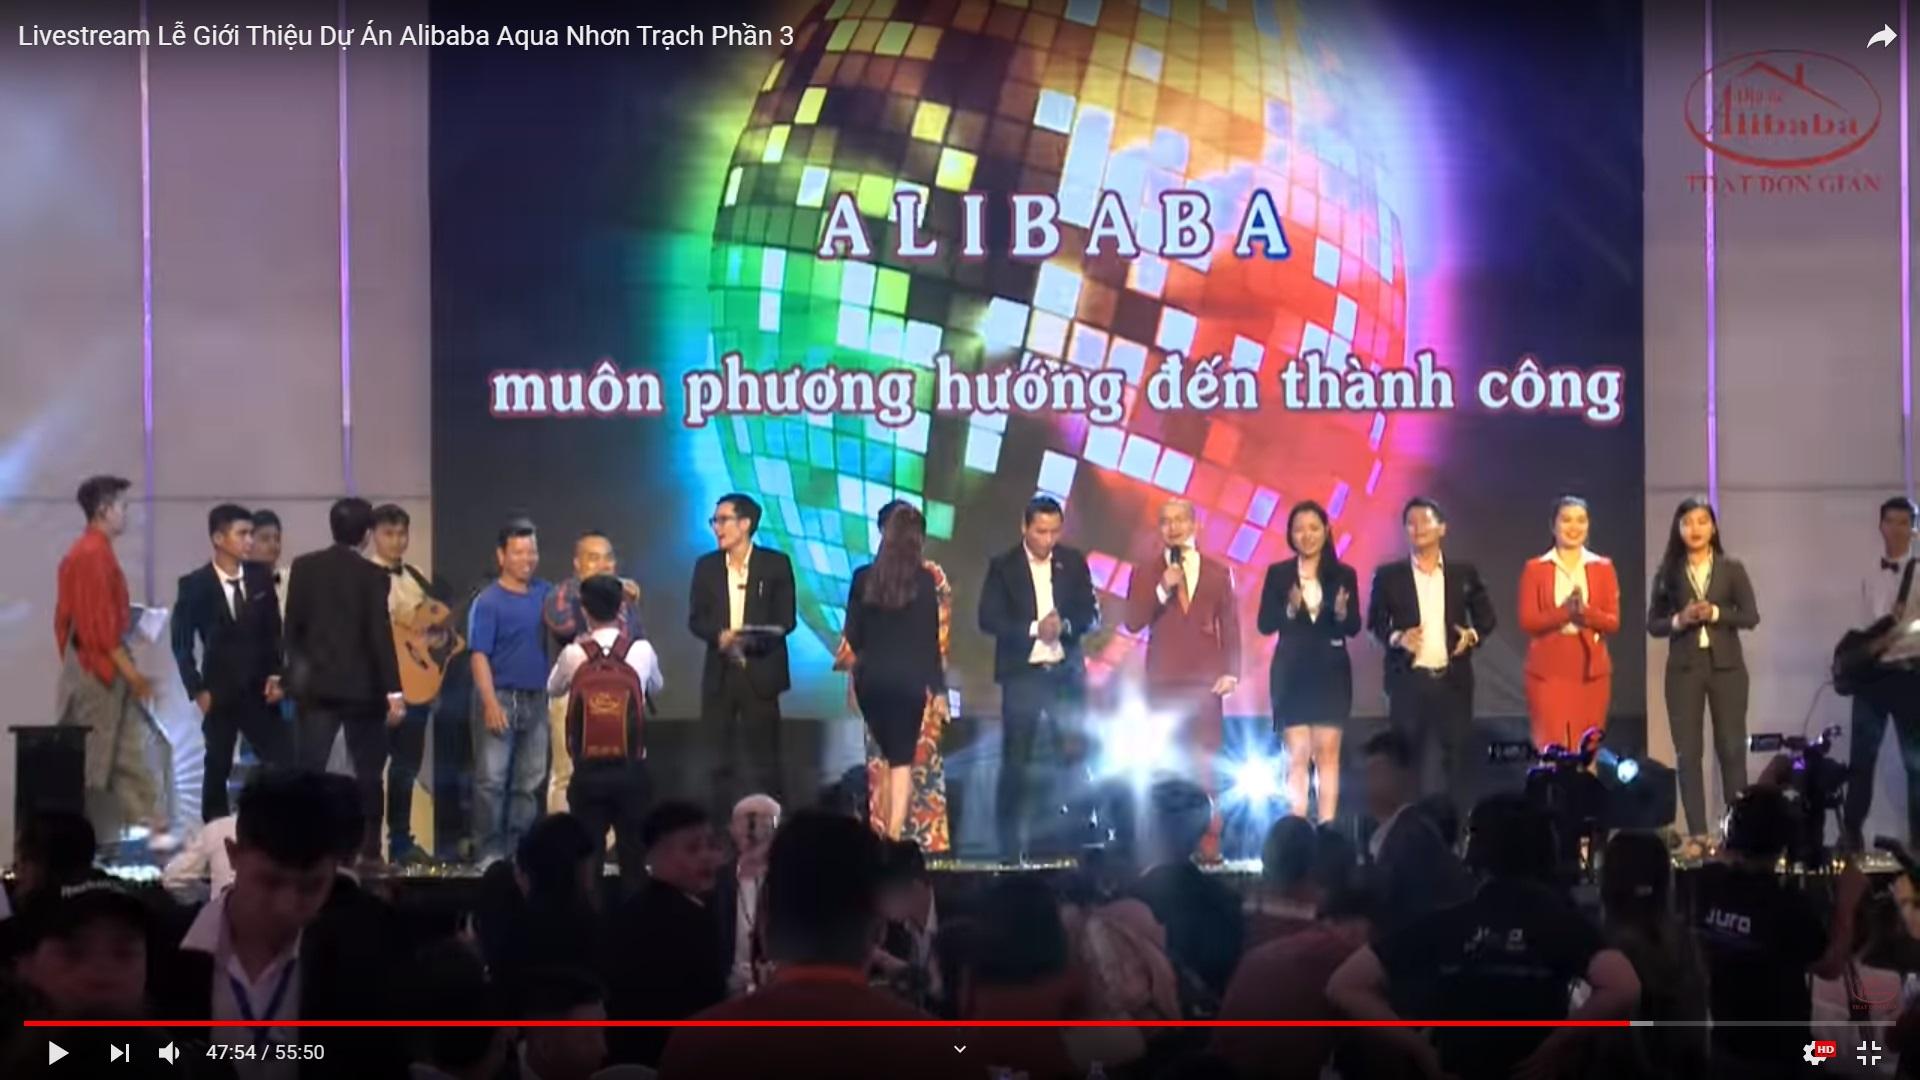 """Bí mật nghệ thuật """"gài bẫy"""" của Chủ tịch Alibaba Nguyễn Thái Luyện alibaba nguyen thai luyen 1569950943"""